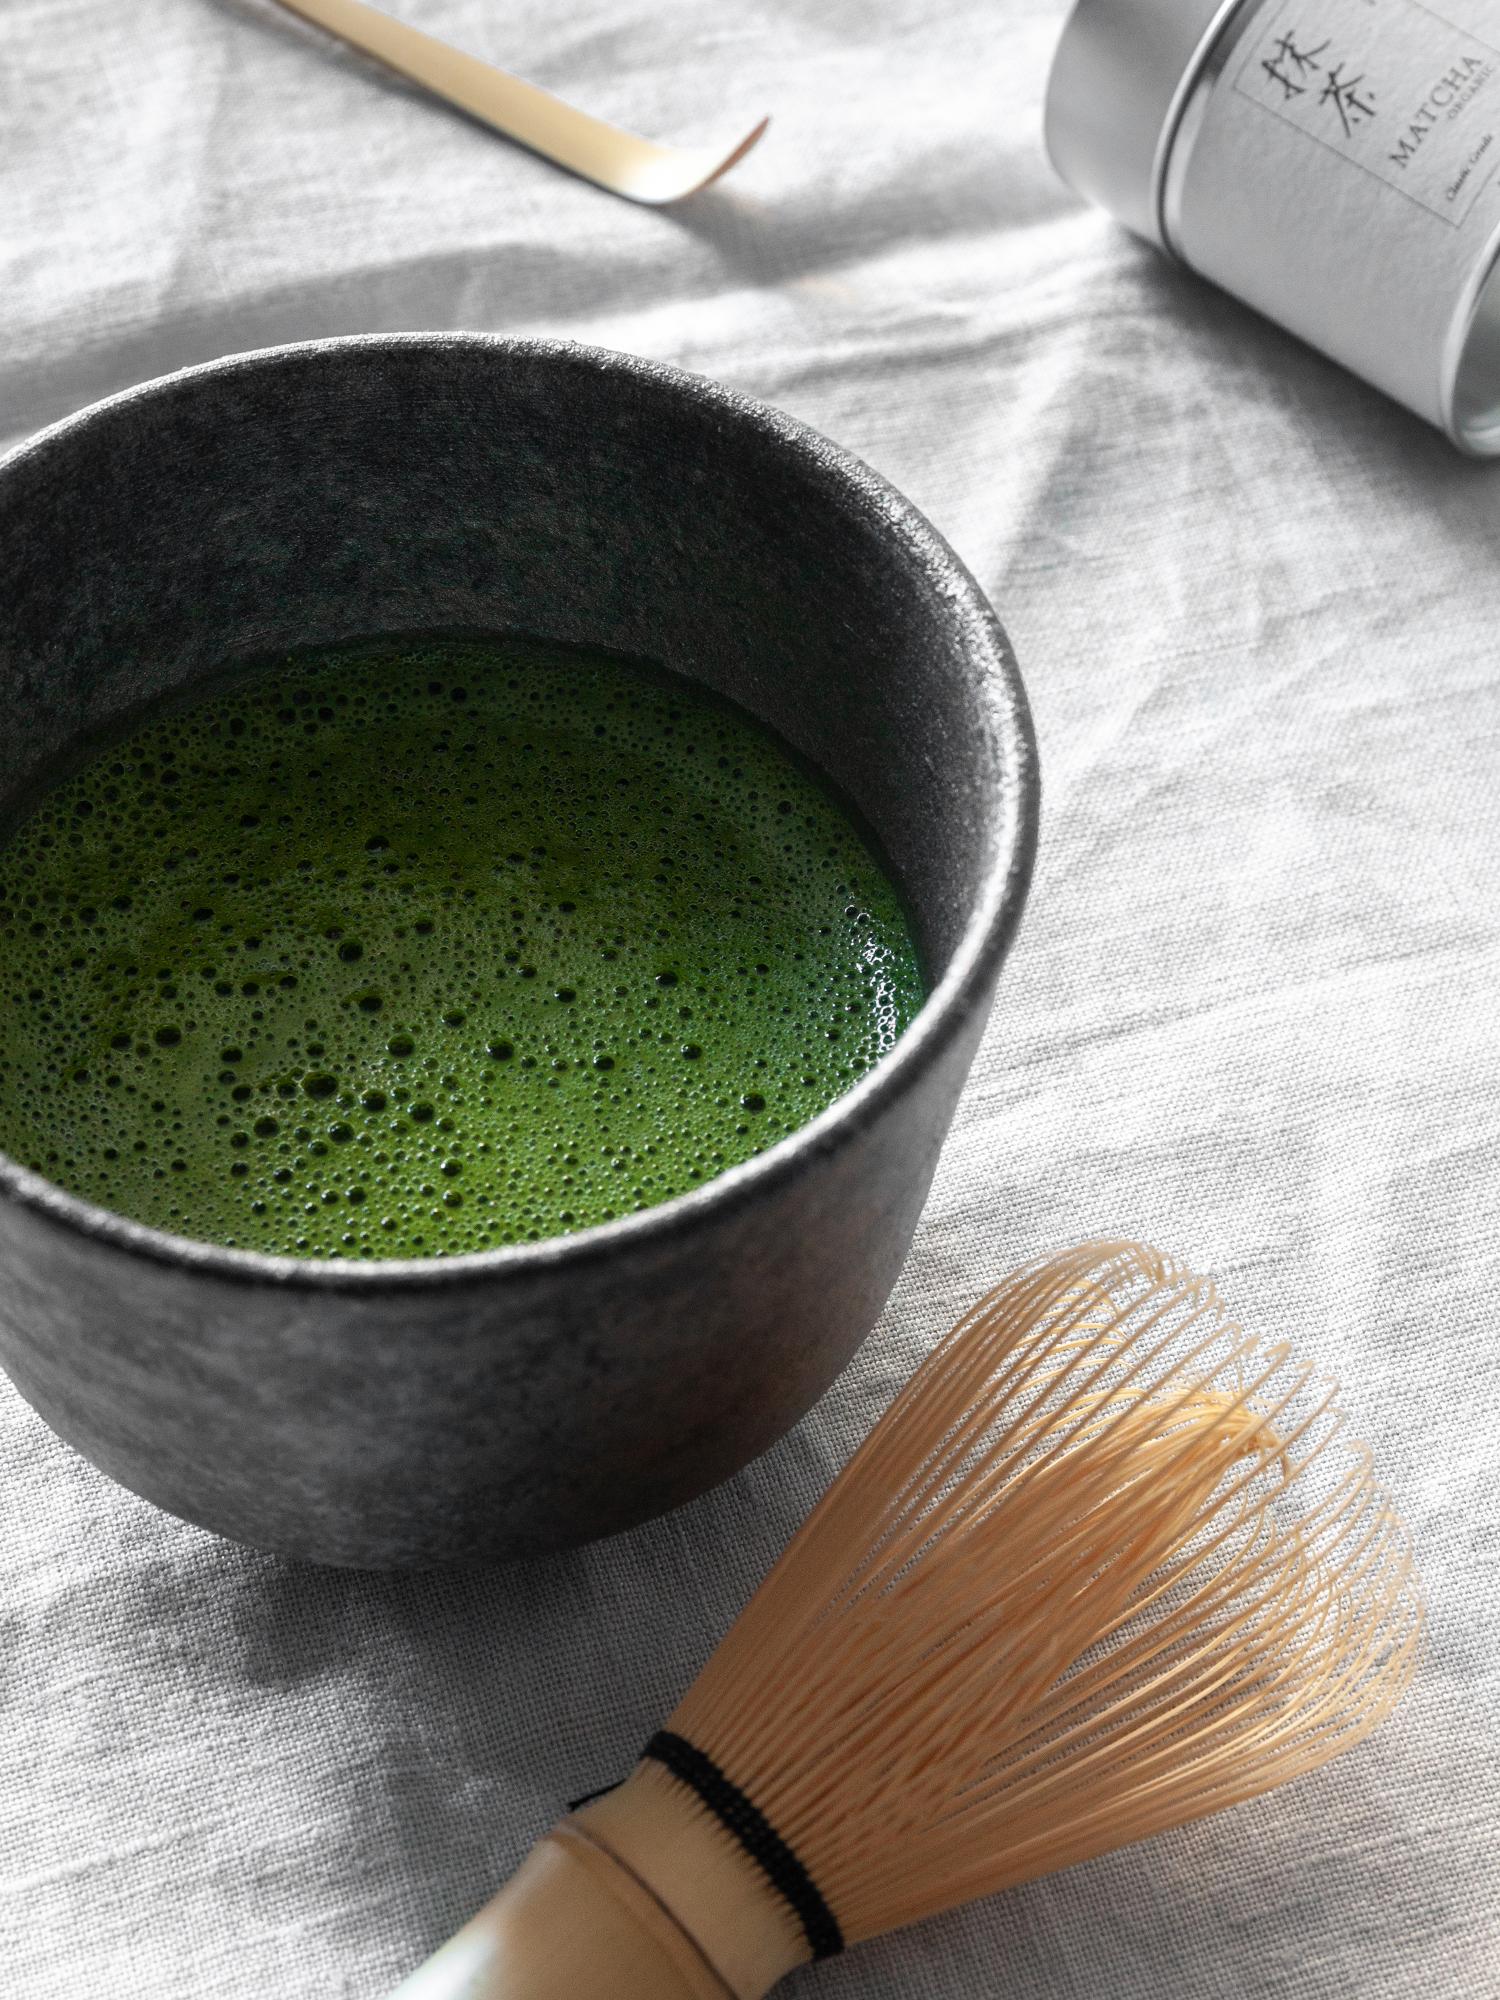 Our_Goods_Tea-4.jpg